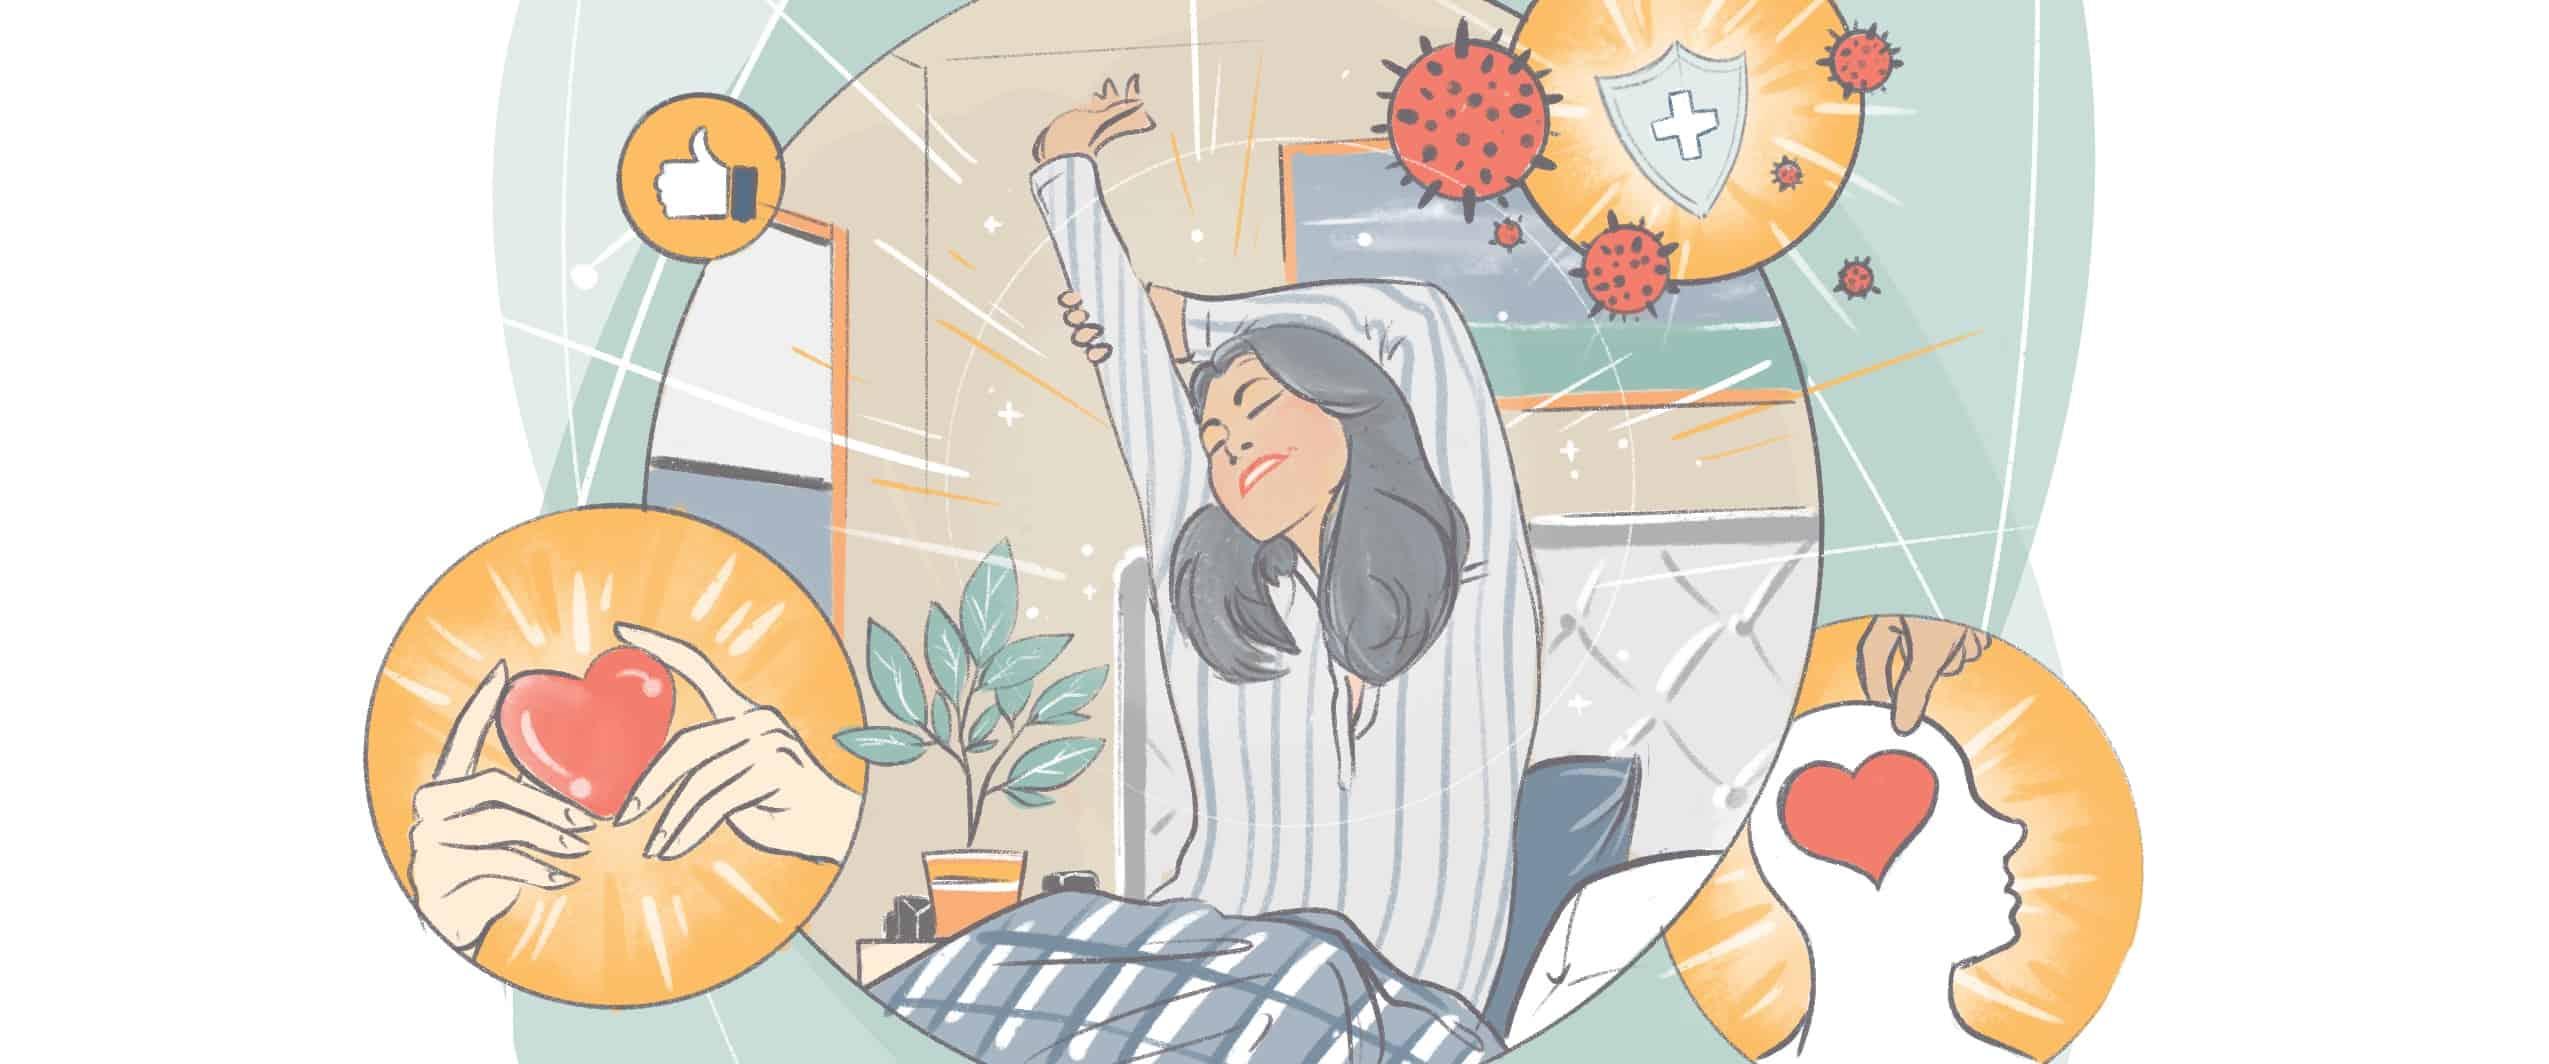 Sleep apnea and snoring: how to treat it